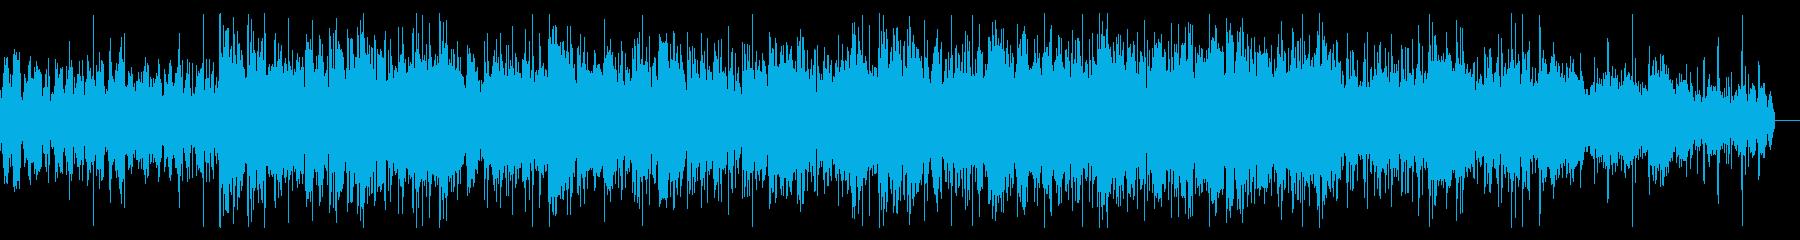 奇妙に揺らめくテクスチャIDMの再生済みの波形